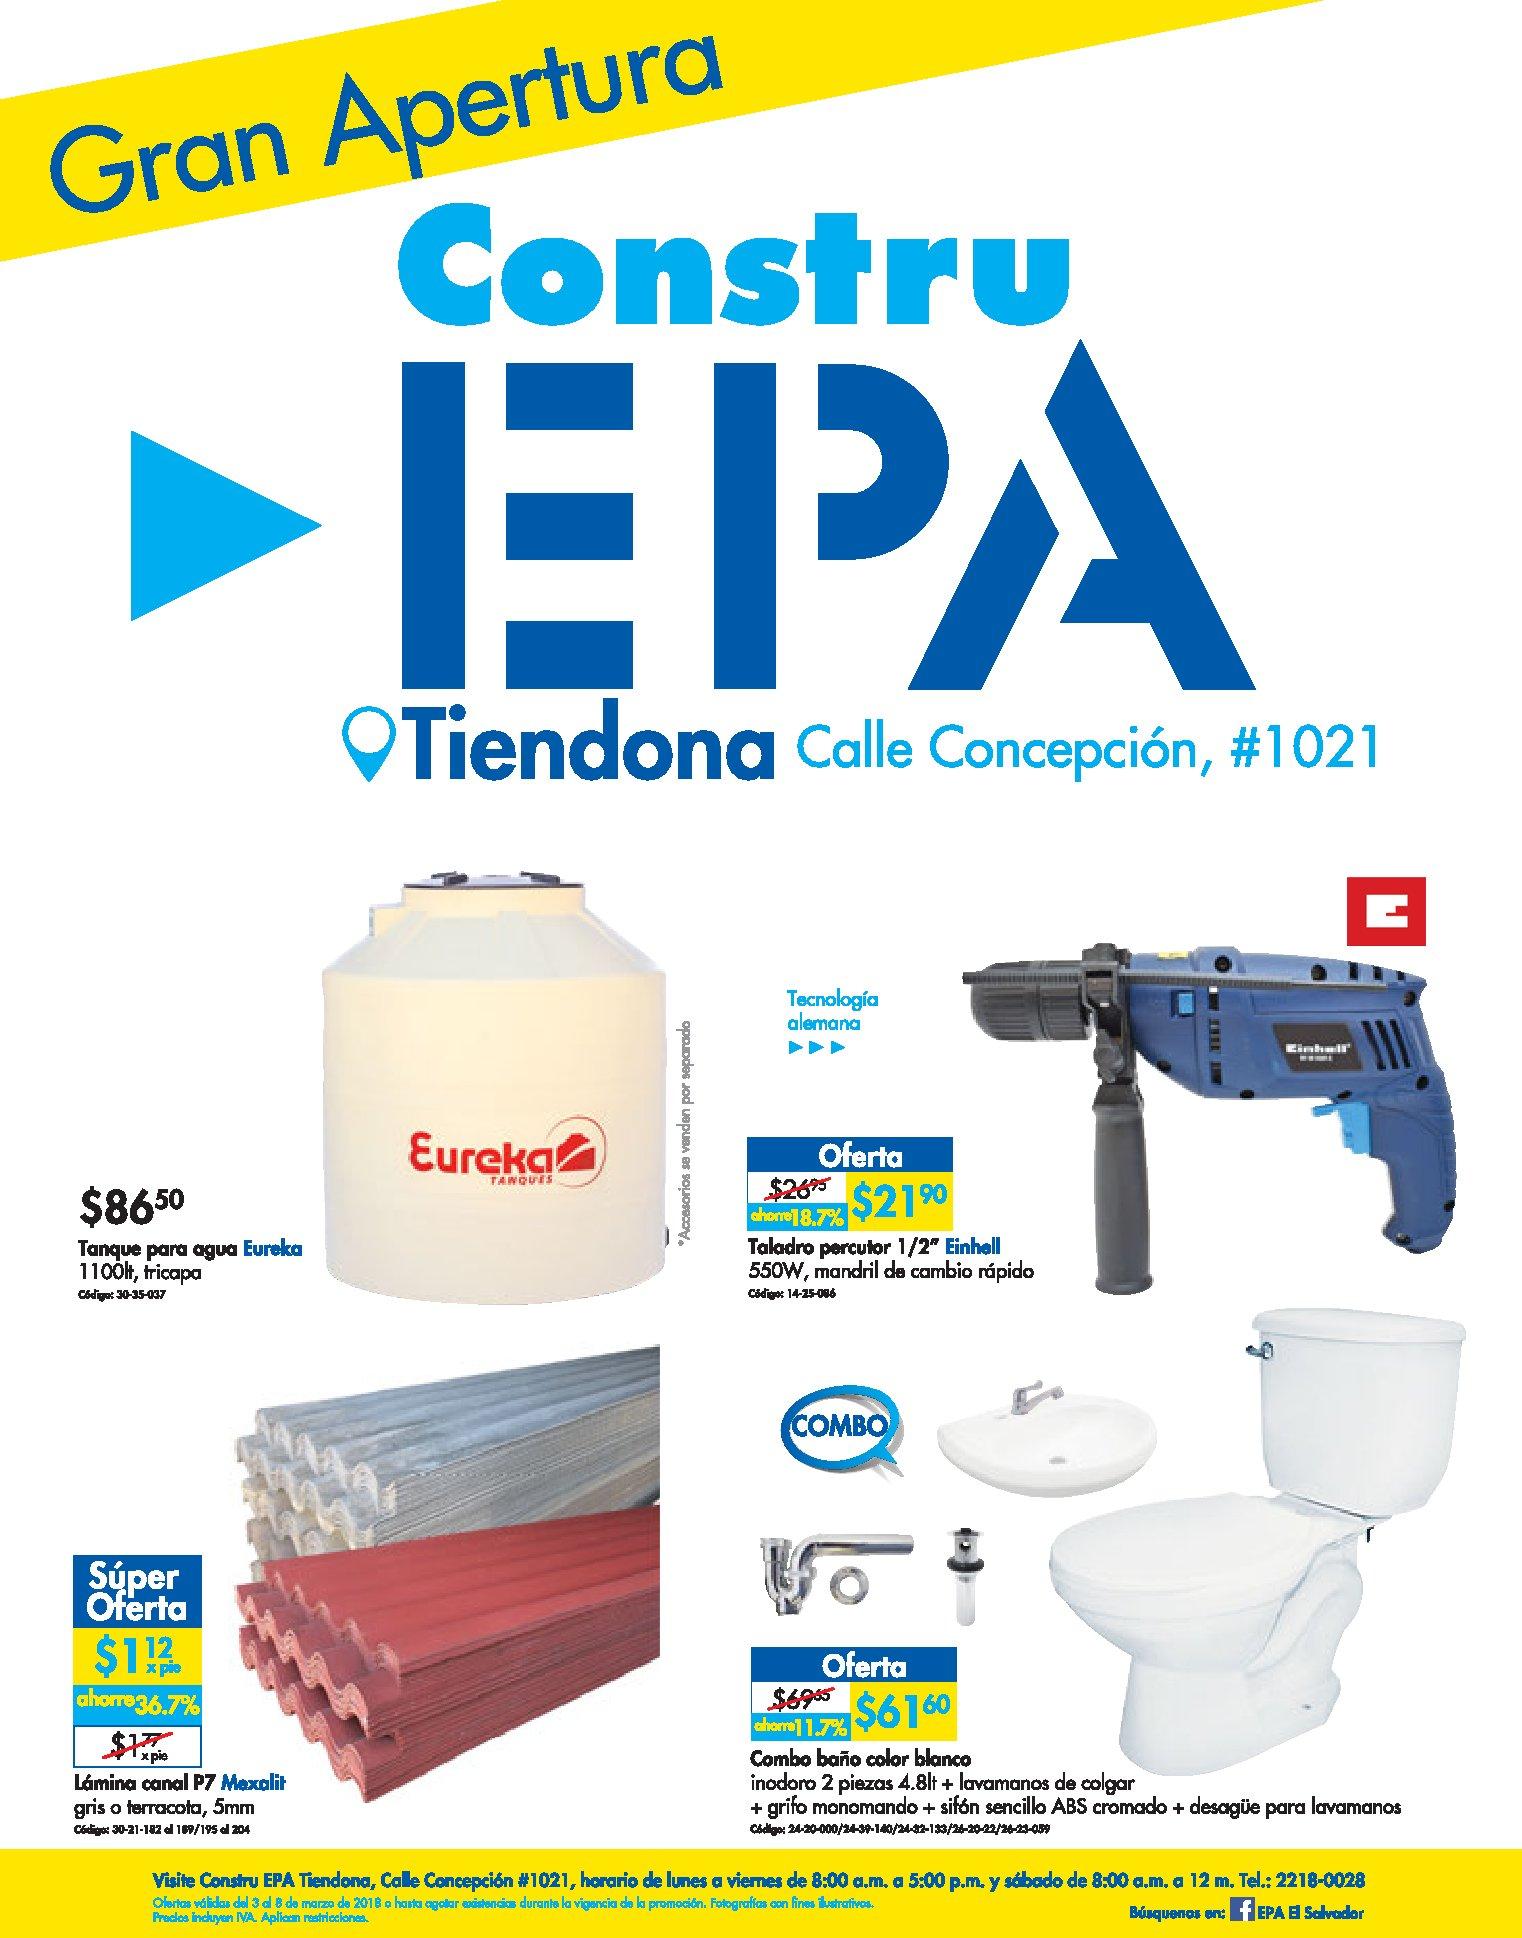 Ferreteria EPA la tiendona ofertas y materiales de construccion